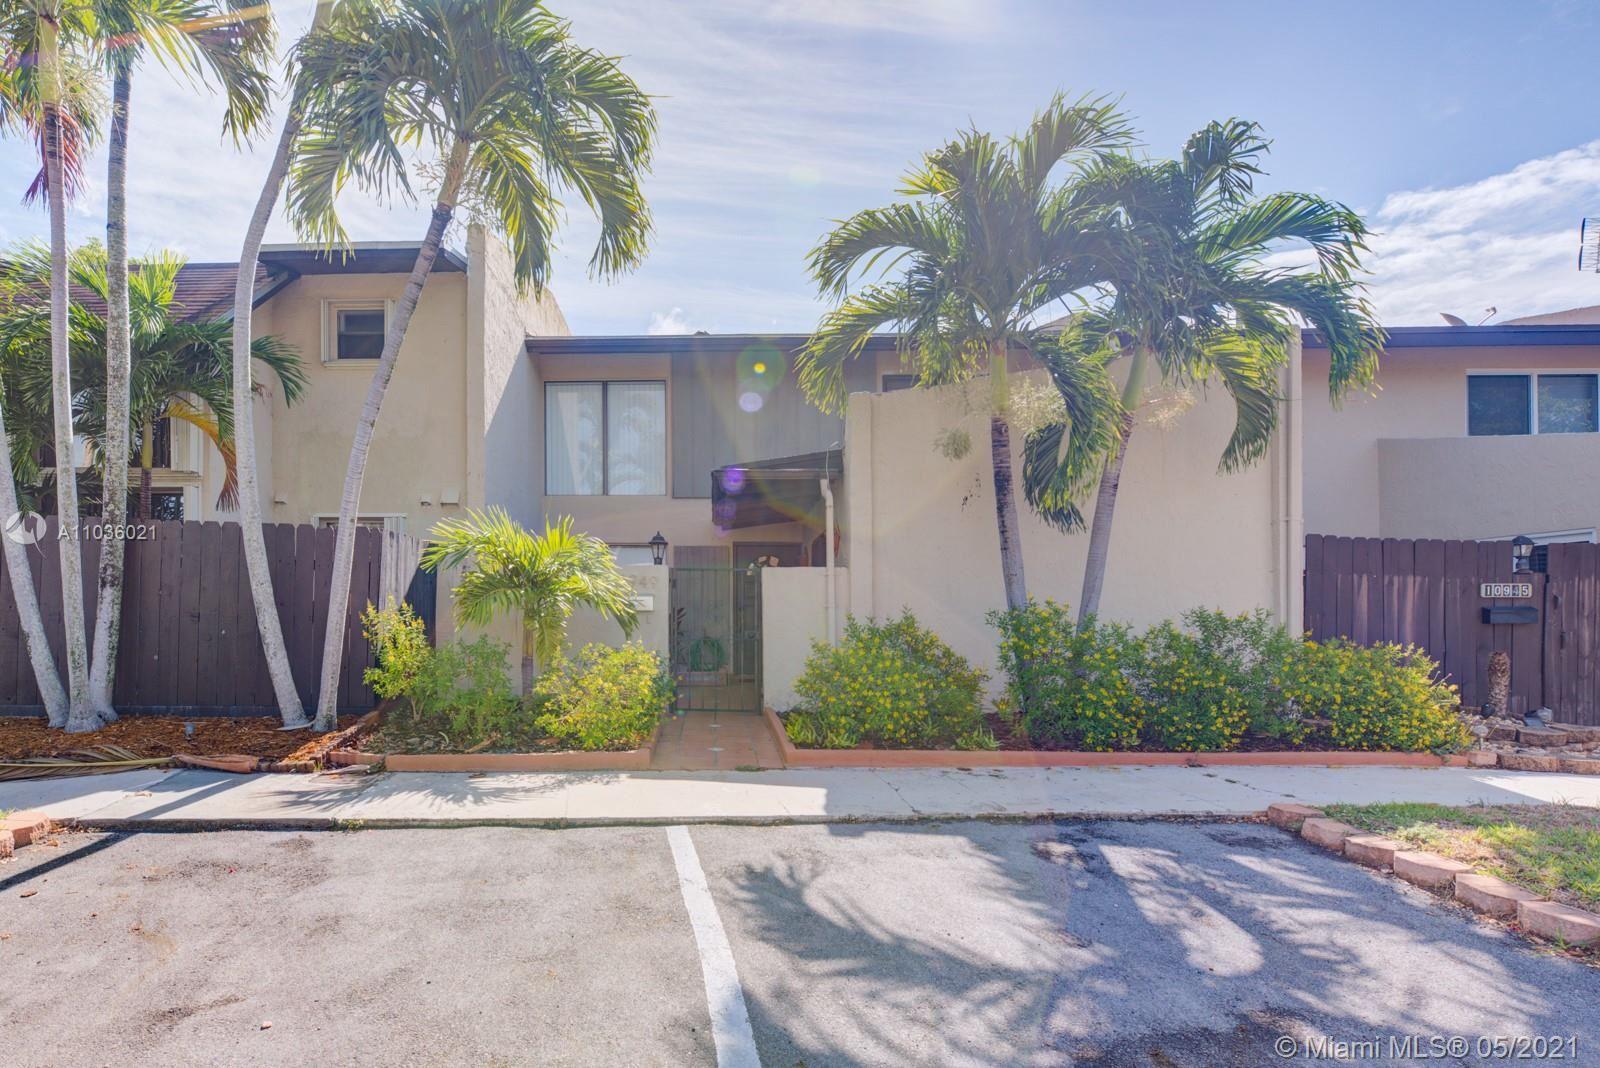 10949 SW 70th Ter, Miami, FL 33173 - #: A11036021